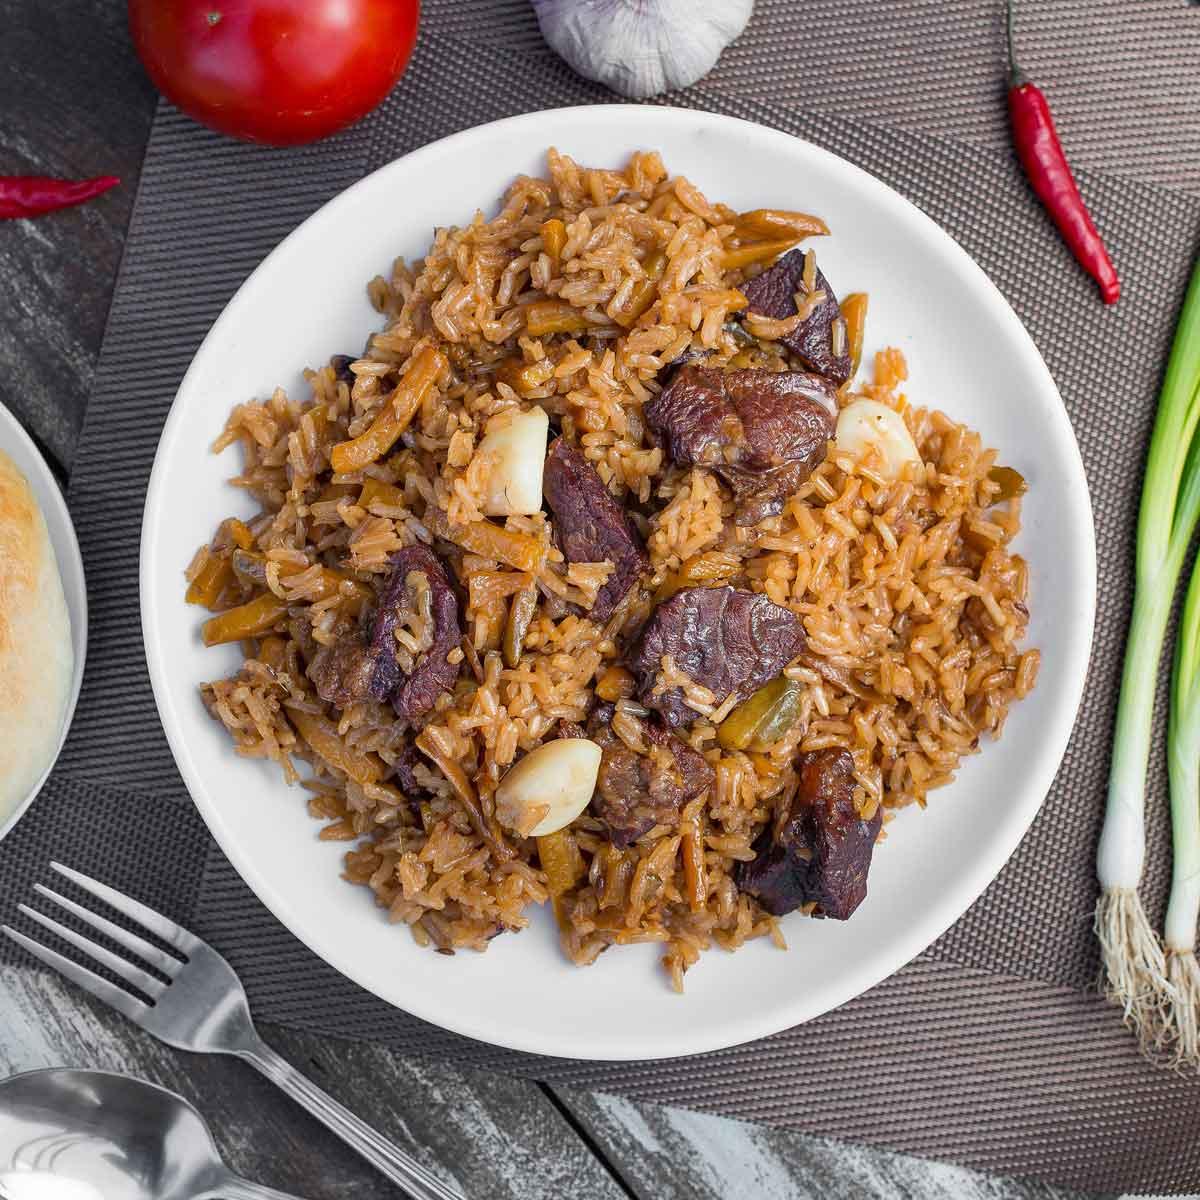 Pilau Rive Dish of Kenya